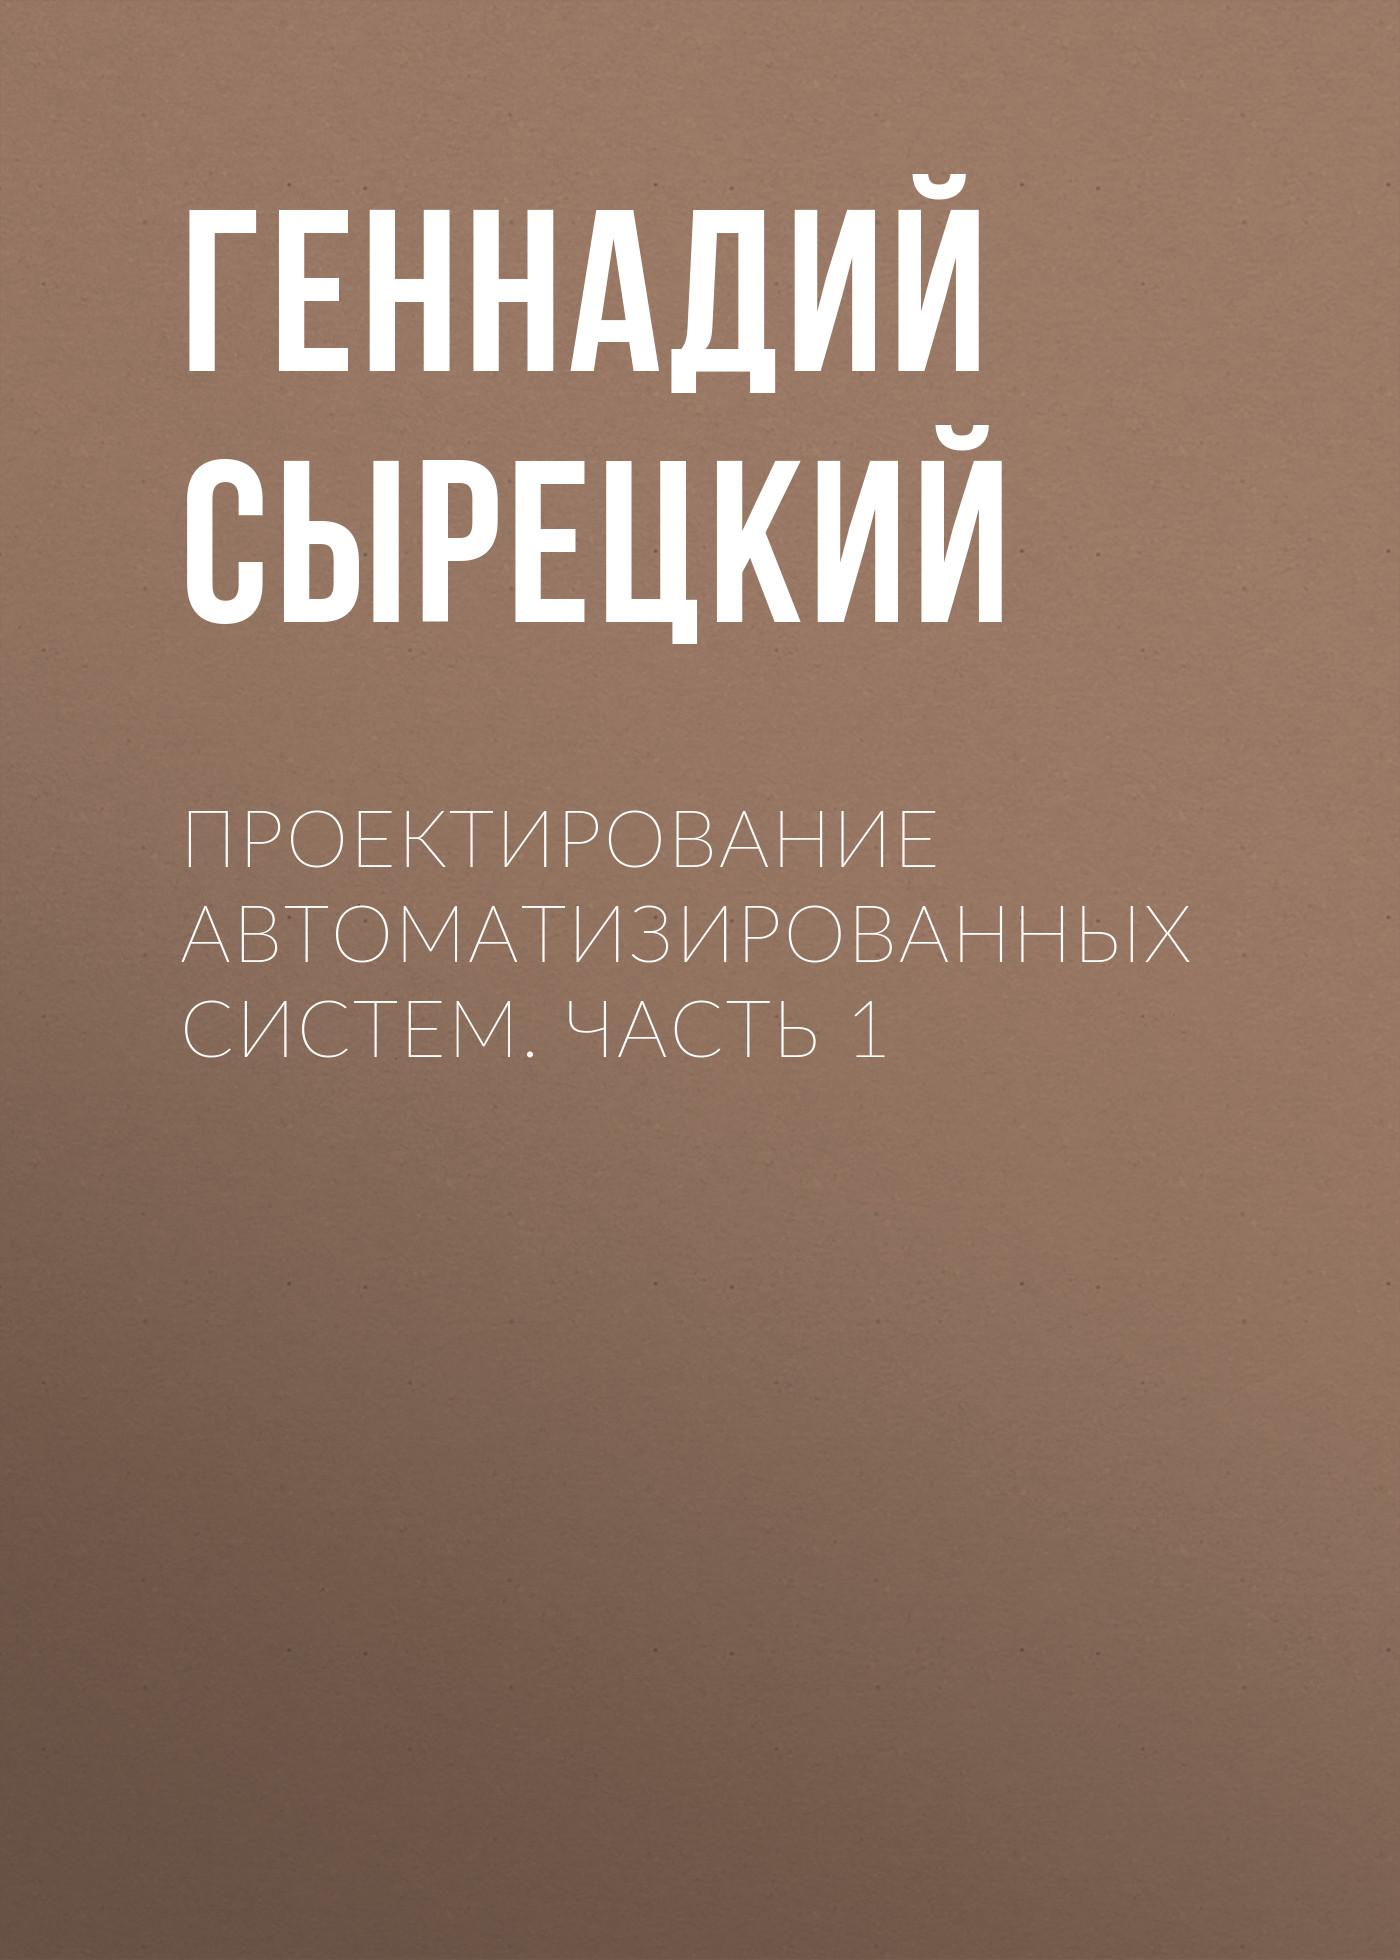 Геннадий Сырецкий Проектирование автоматизированных систем. Часть 1